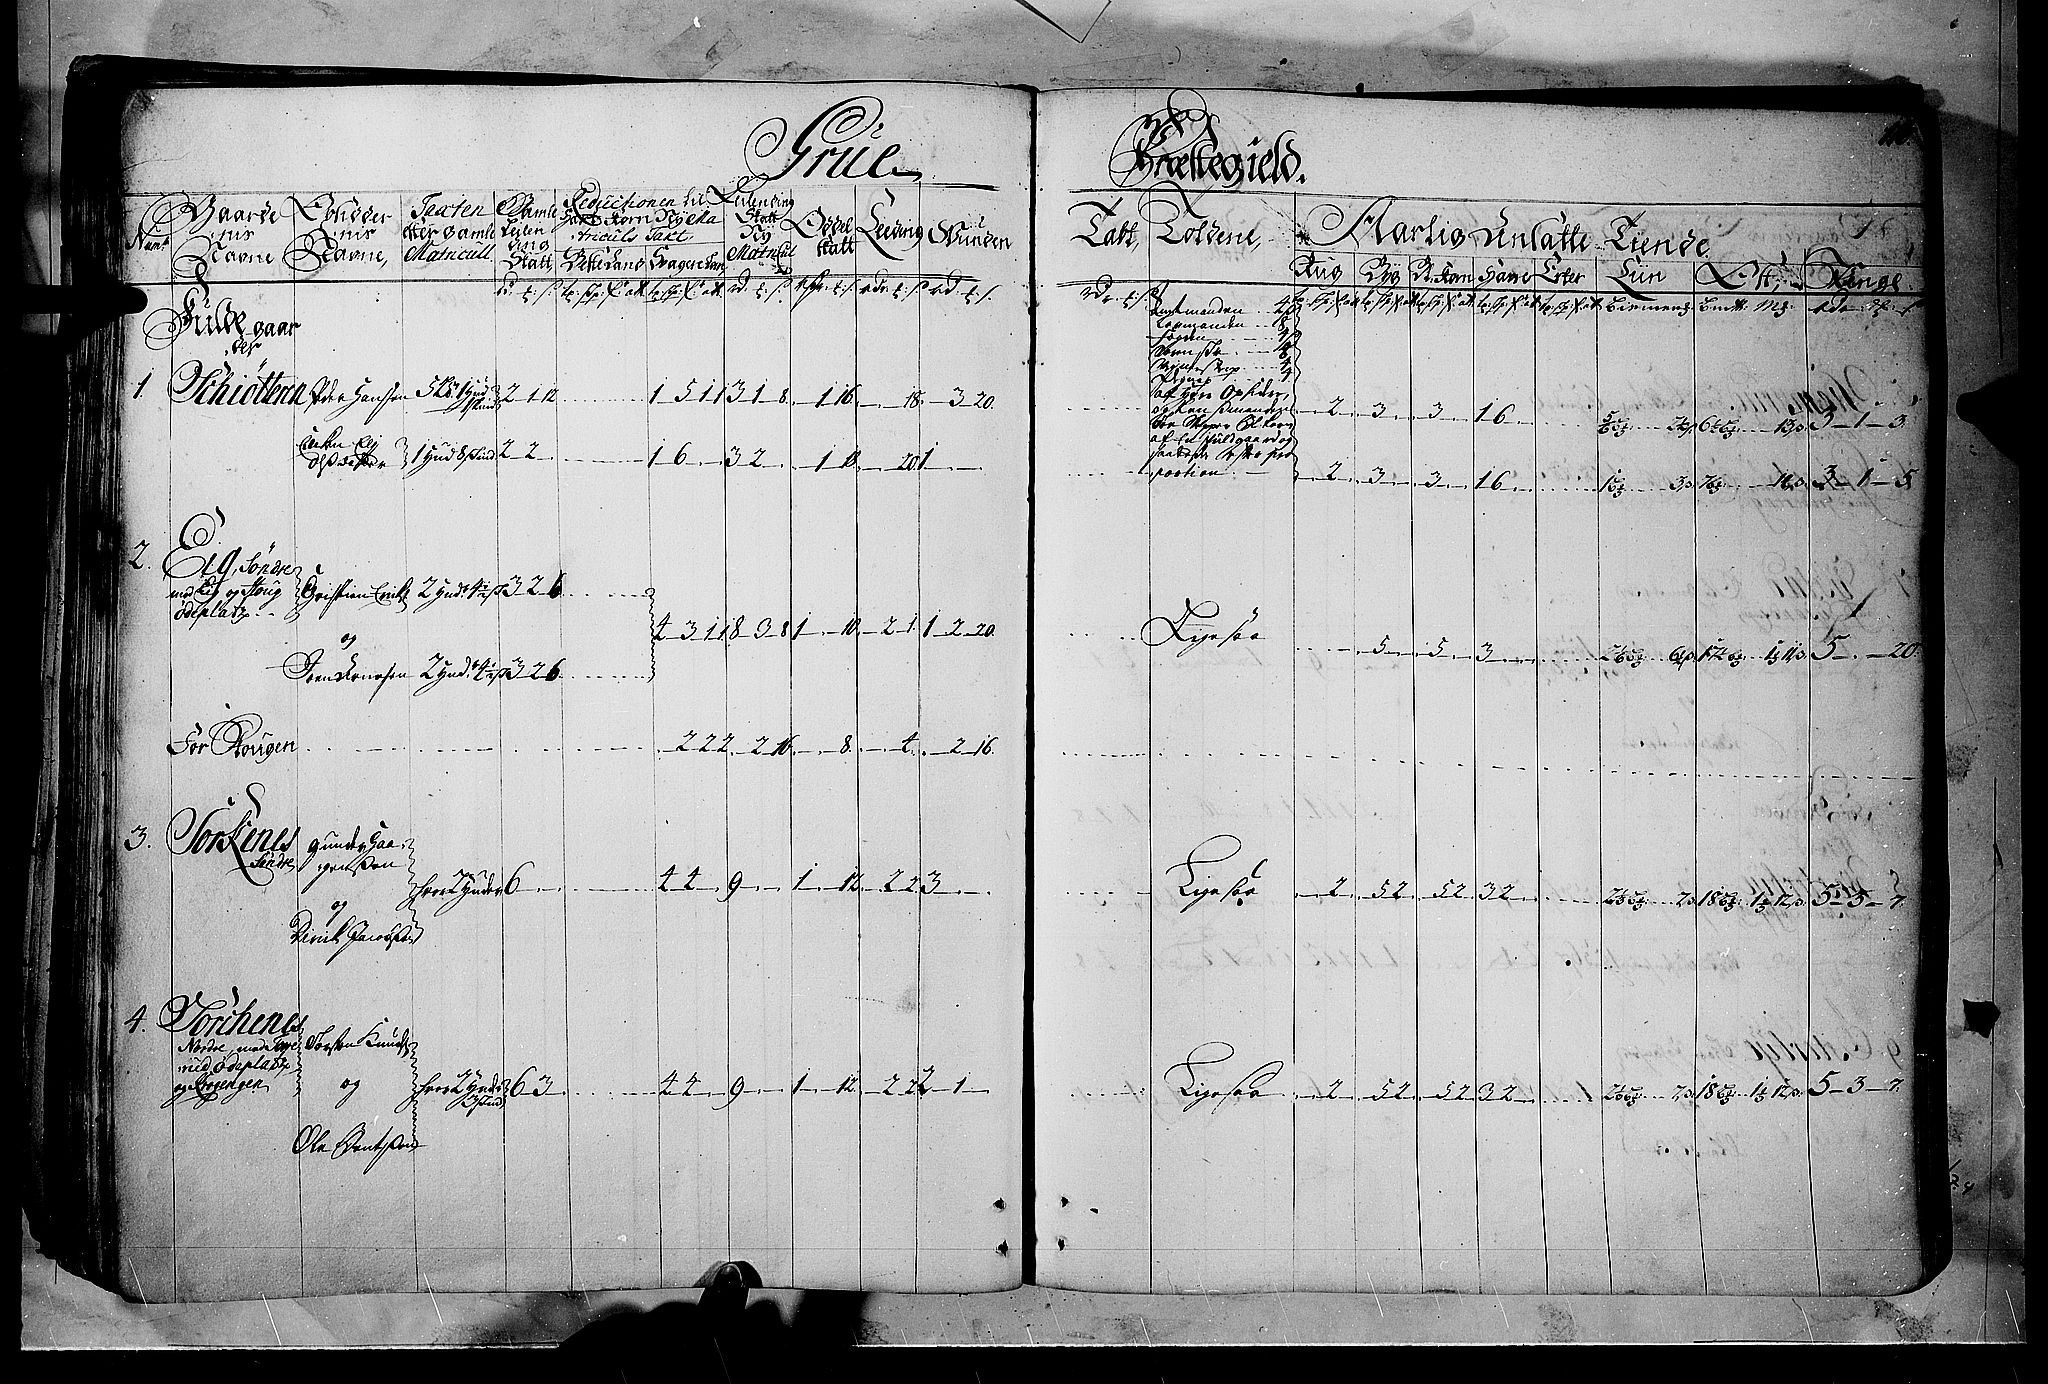 RA, Rentekammeret inntil 1814, Realistisk ordnet avdeling, N/Nb/Nbf/L0102: Solør, Østerdalen og Odal matrikkelprotokoll, 1723, s. 115b-116a